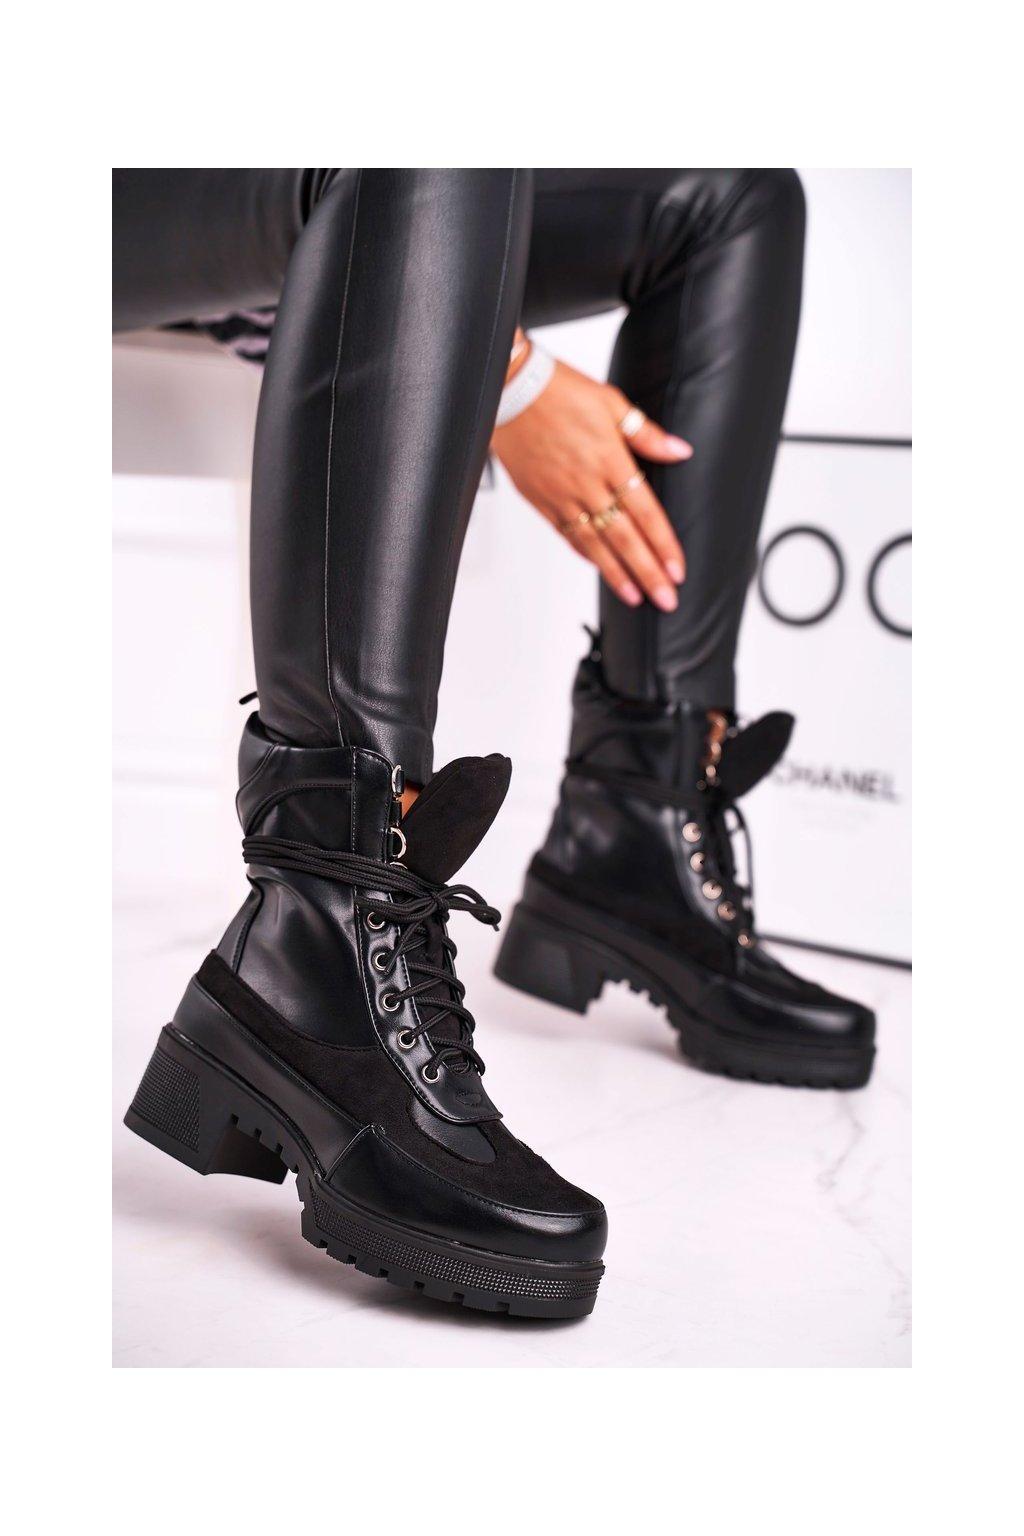 Členkové topánky na podpätku farba čierna kód obuvi C-93 BLK